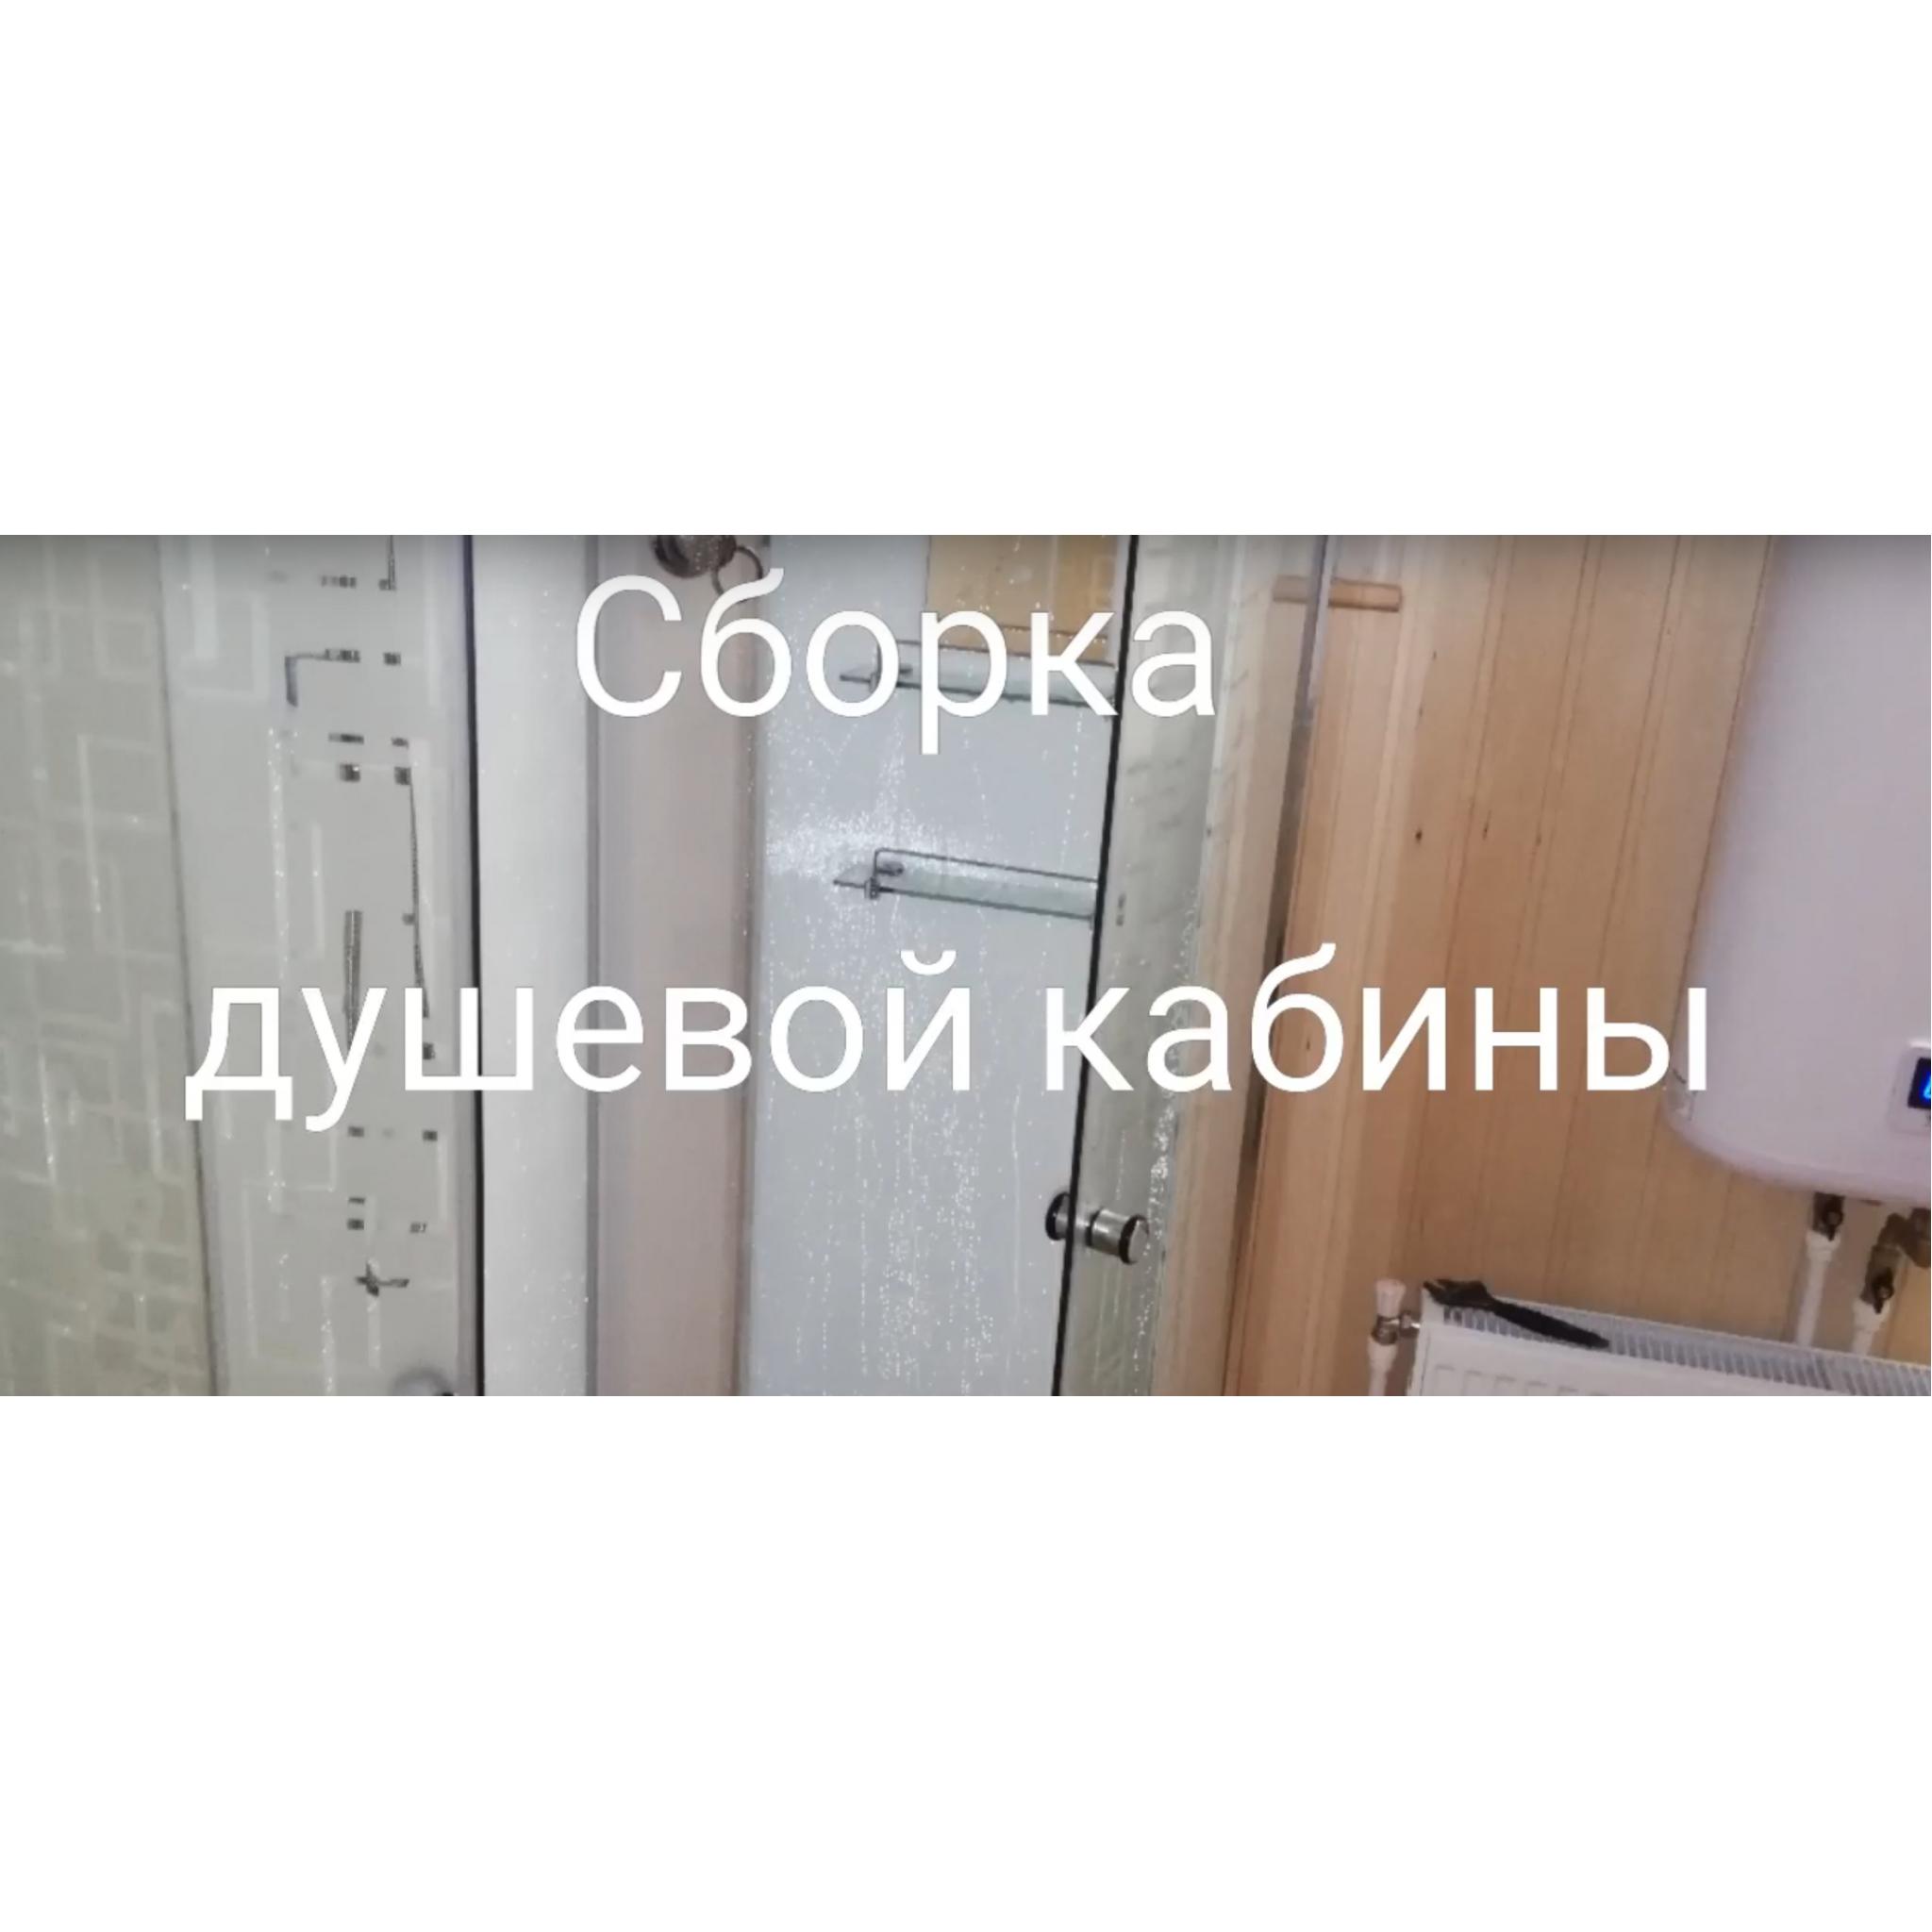 Видео. Сборка душевой кабины Deto своими руками